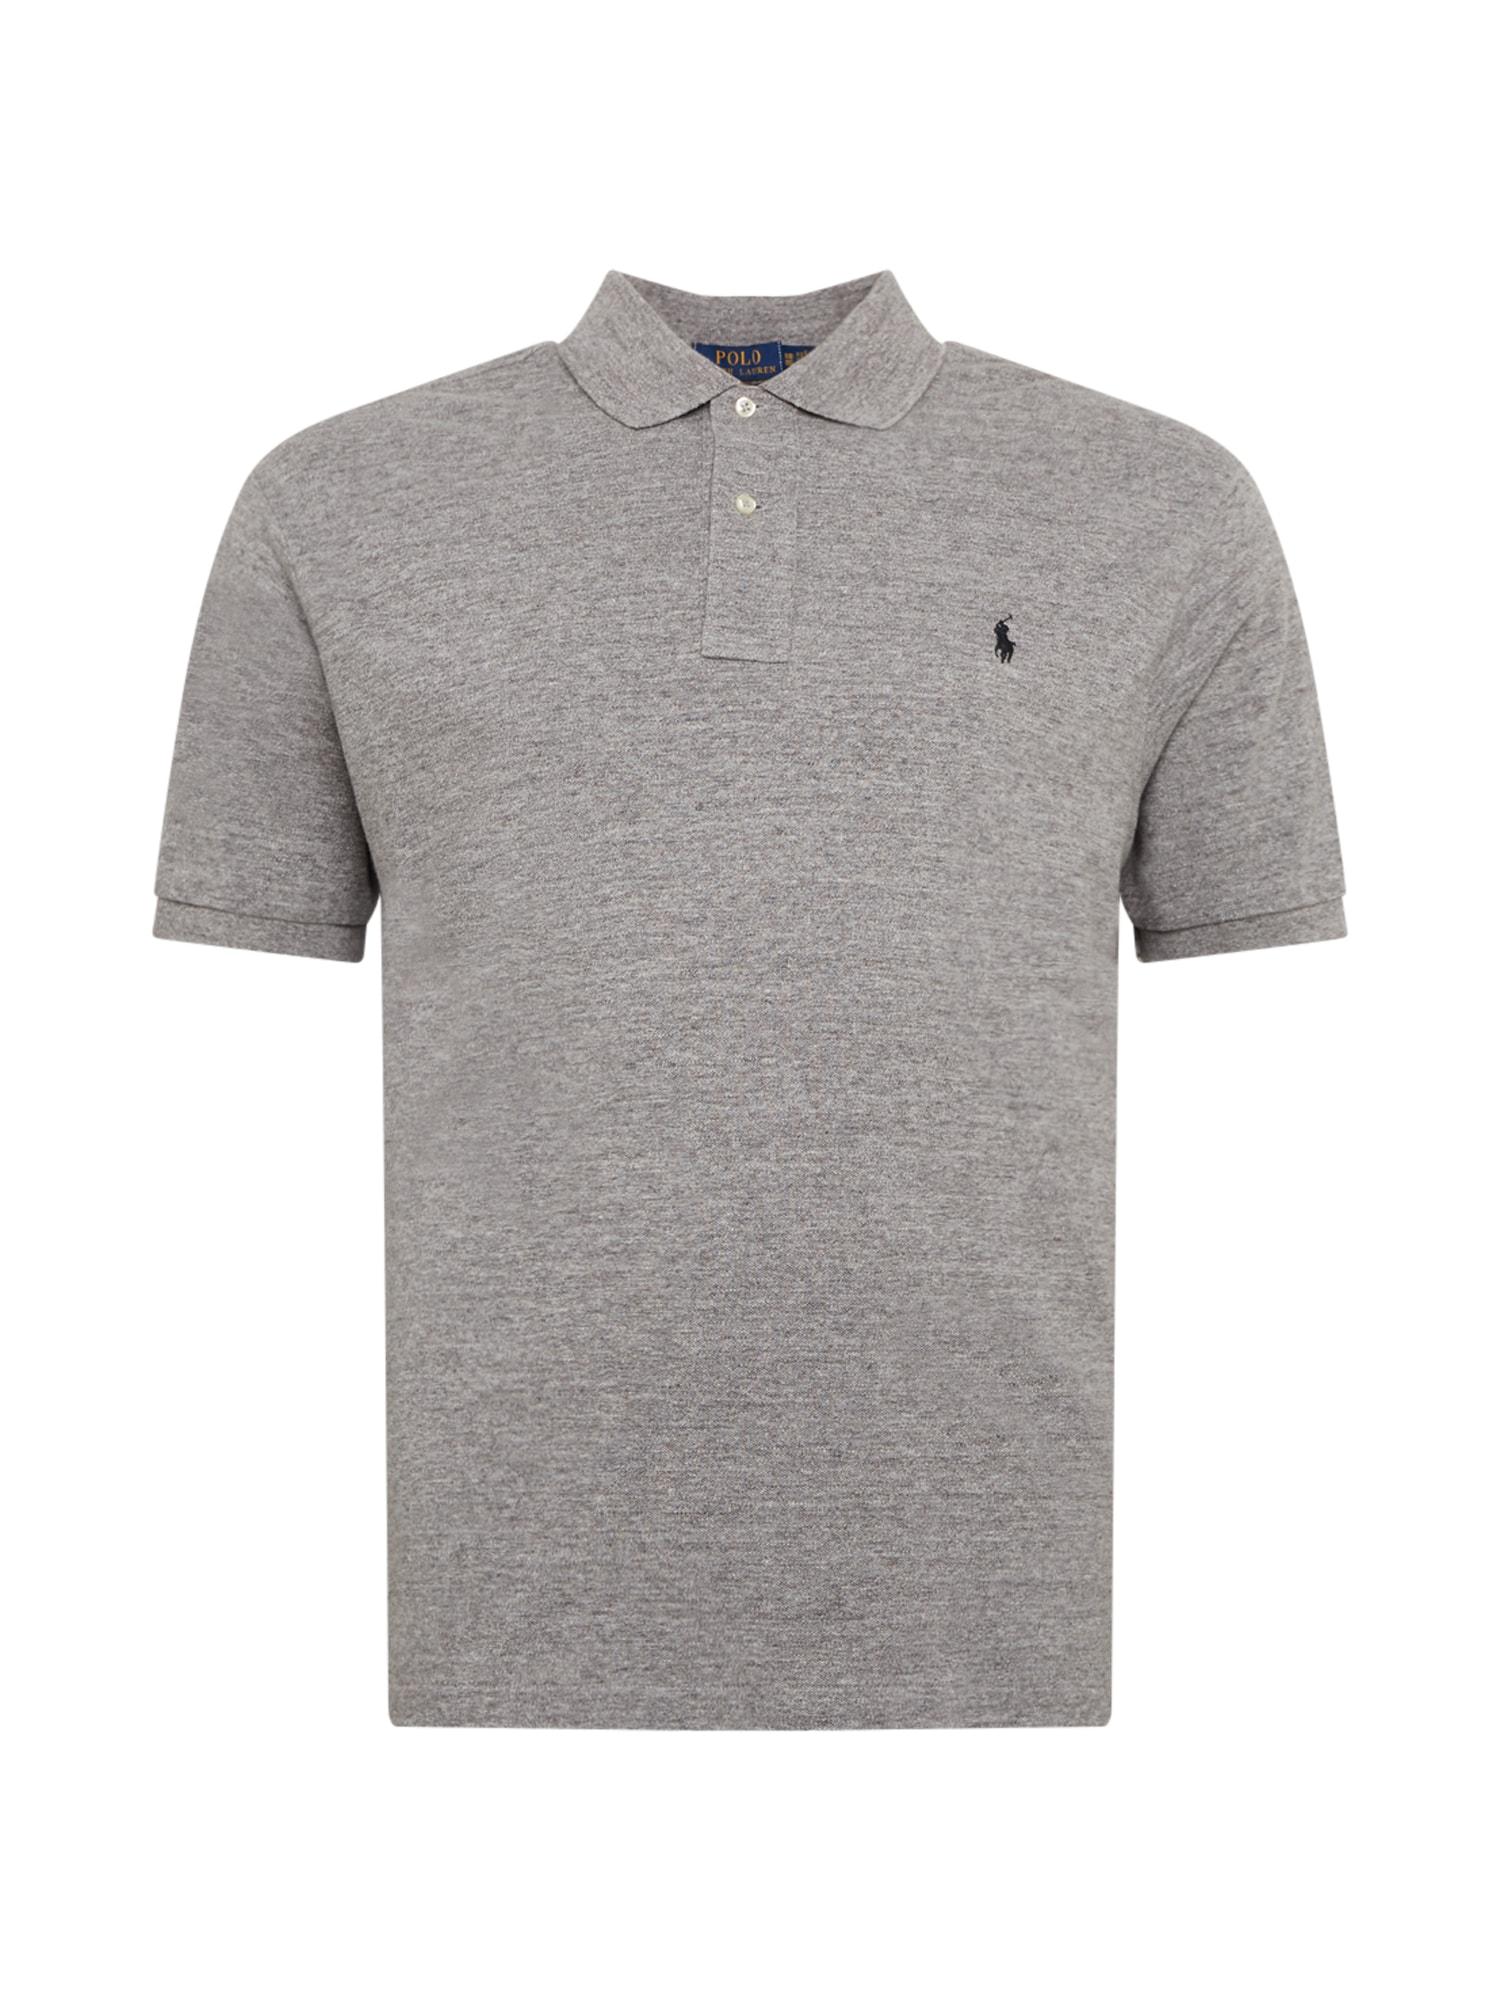 POLO RALPH LAUREN Marškinėliai margai pilka / juoda